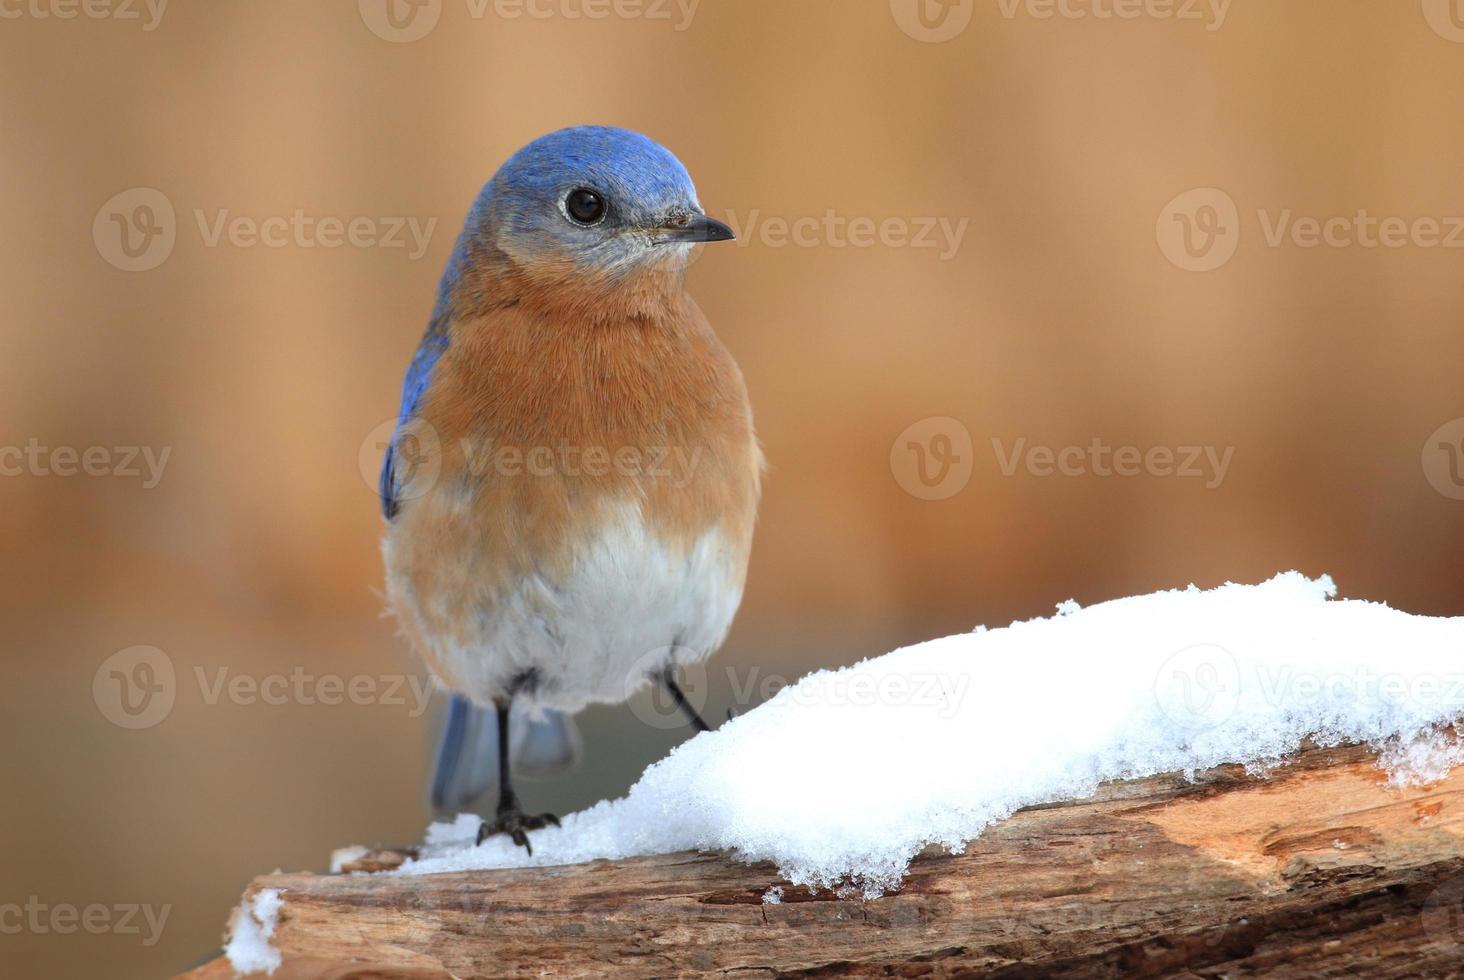 merlebleu de l'Est mâle dans la neige photo